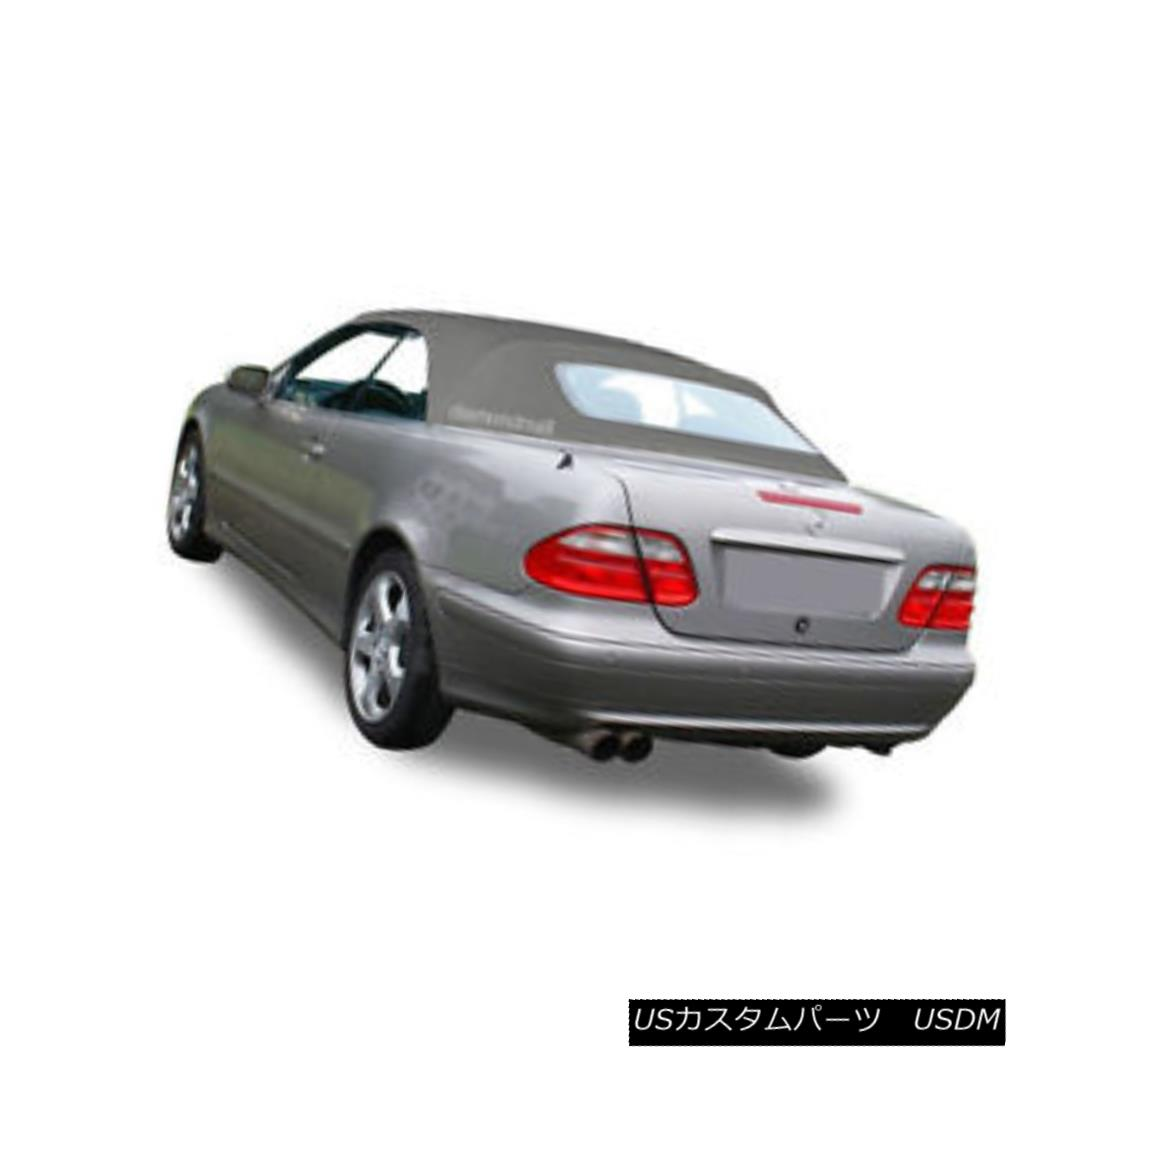 幌・ソフトトップ NEW Mercedes Benz CLK Series 1999-2003 Convertible Soft Top Gray Stayfast Cloth NEWメルセデスベンツCLKシリーズ1999-2003コンバーチブルソフトトップグレーステイファストクロス